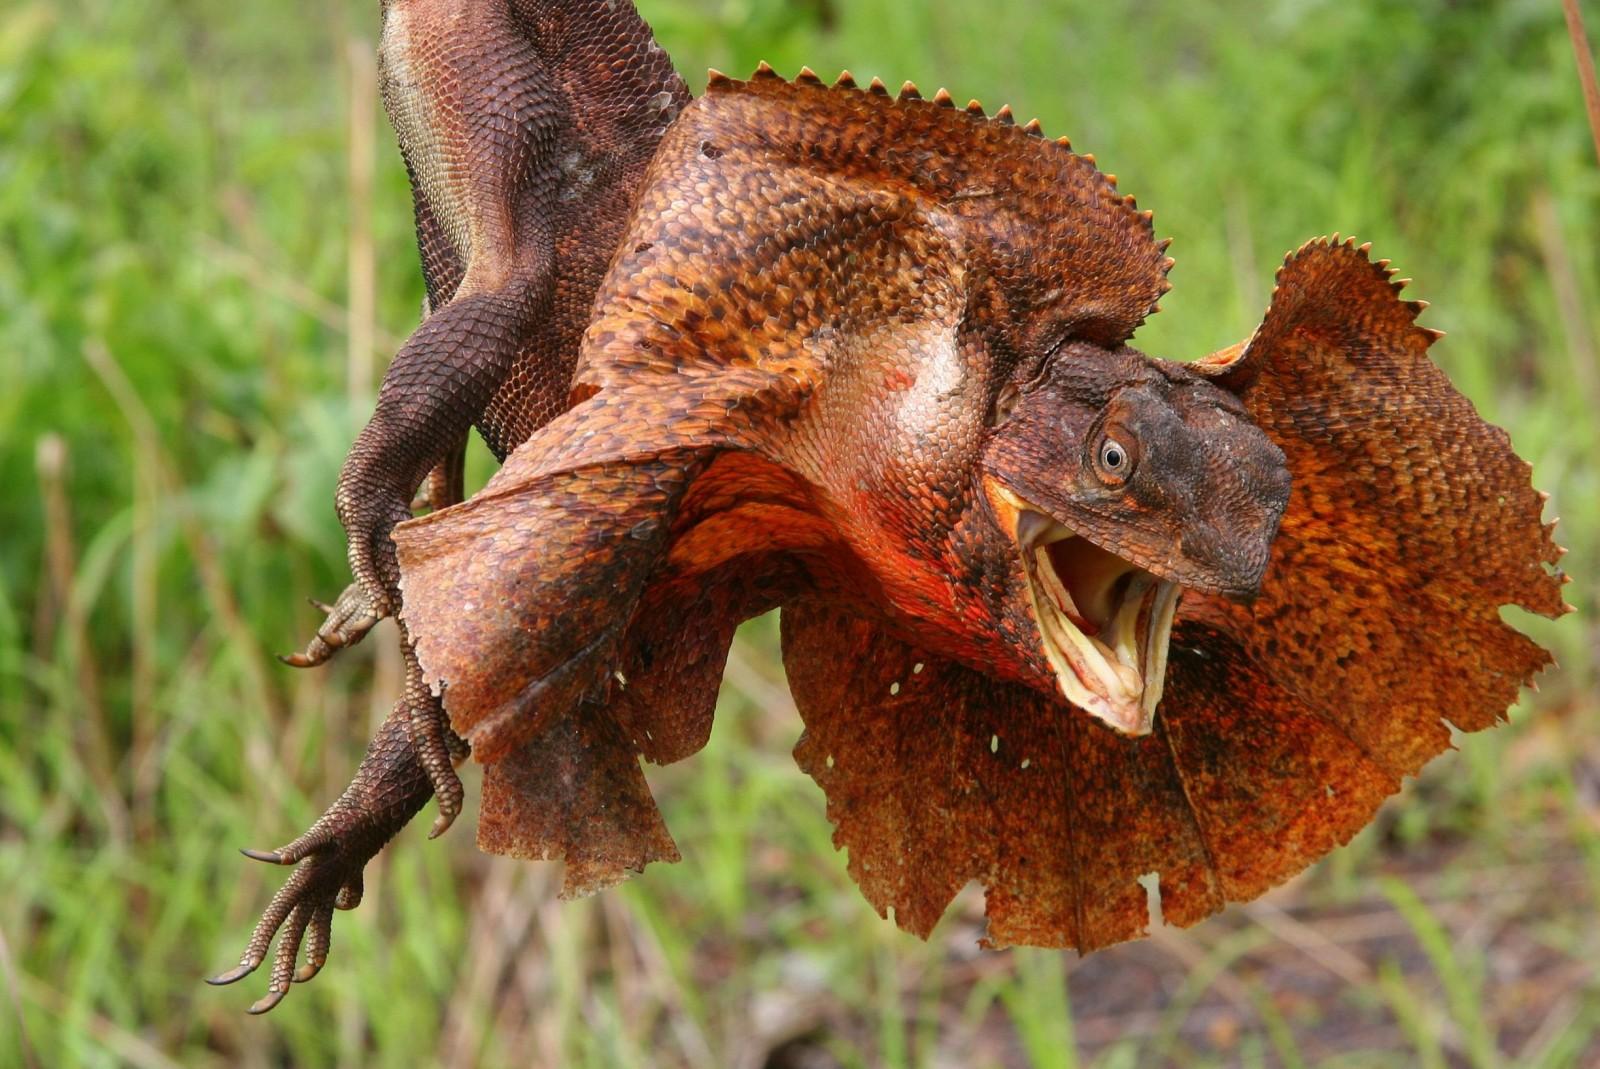 Топ 10 самых необычных животных - Плащеносная ящерица